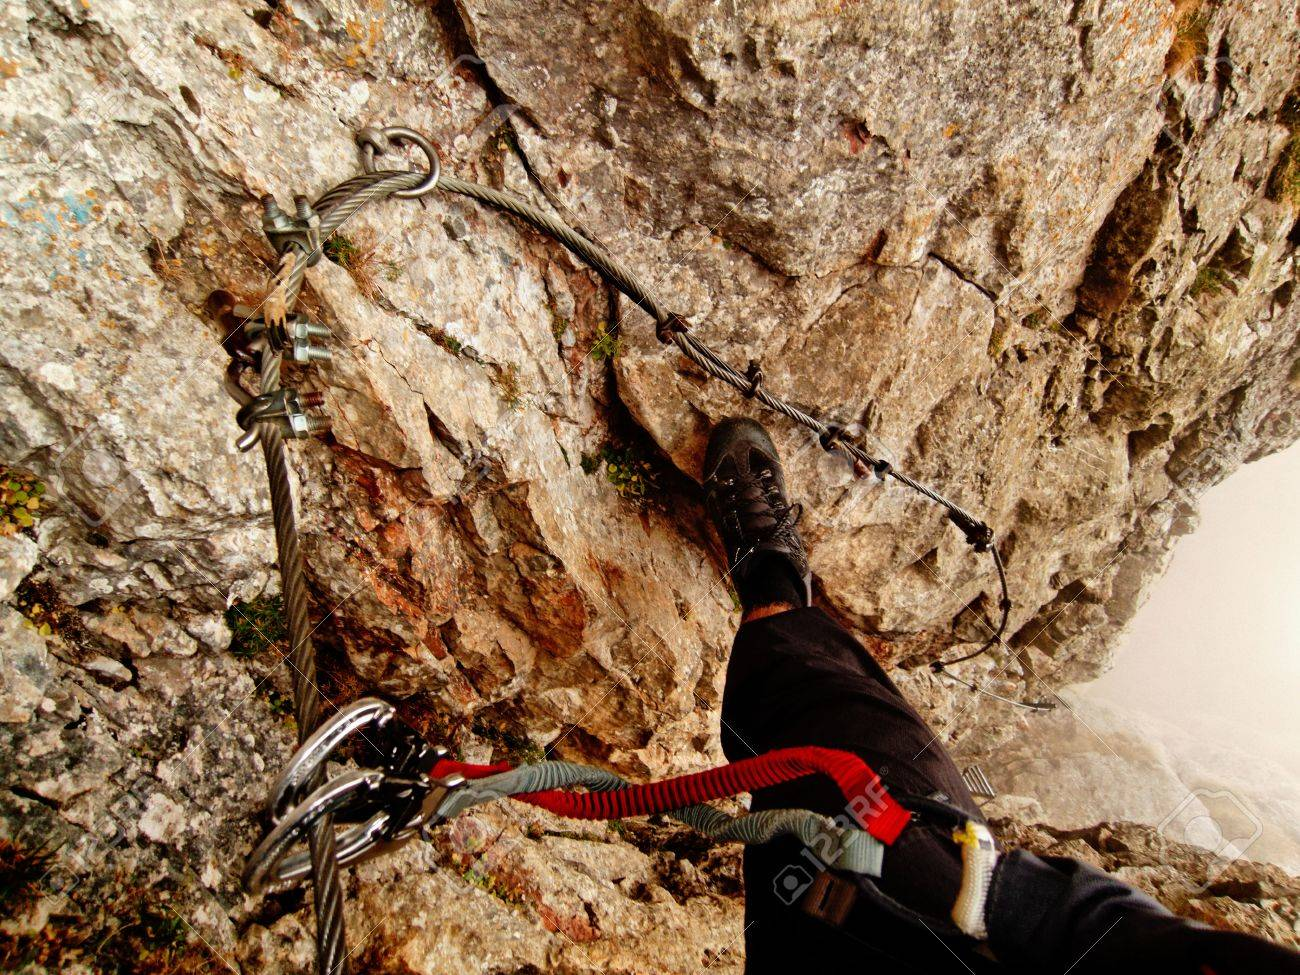 Klettersteig Rax : Hans von haid steig klettersteig c d austria preinerwand rax